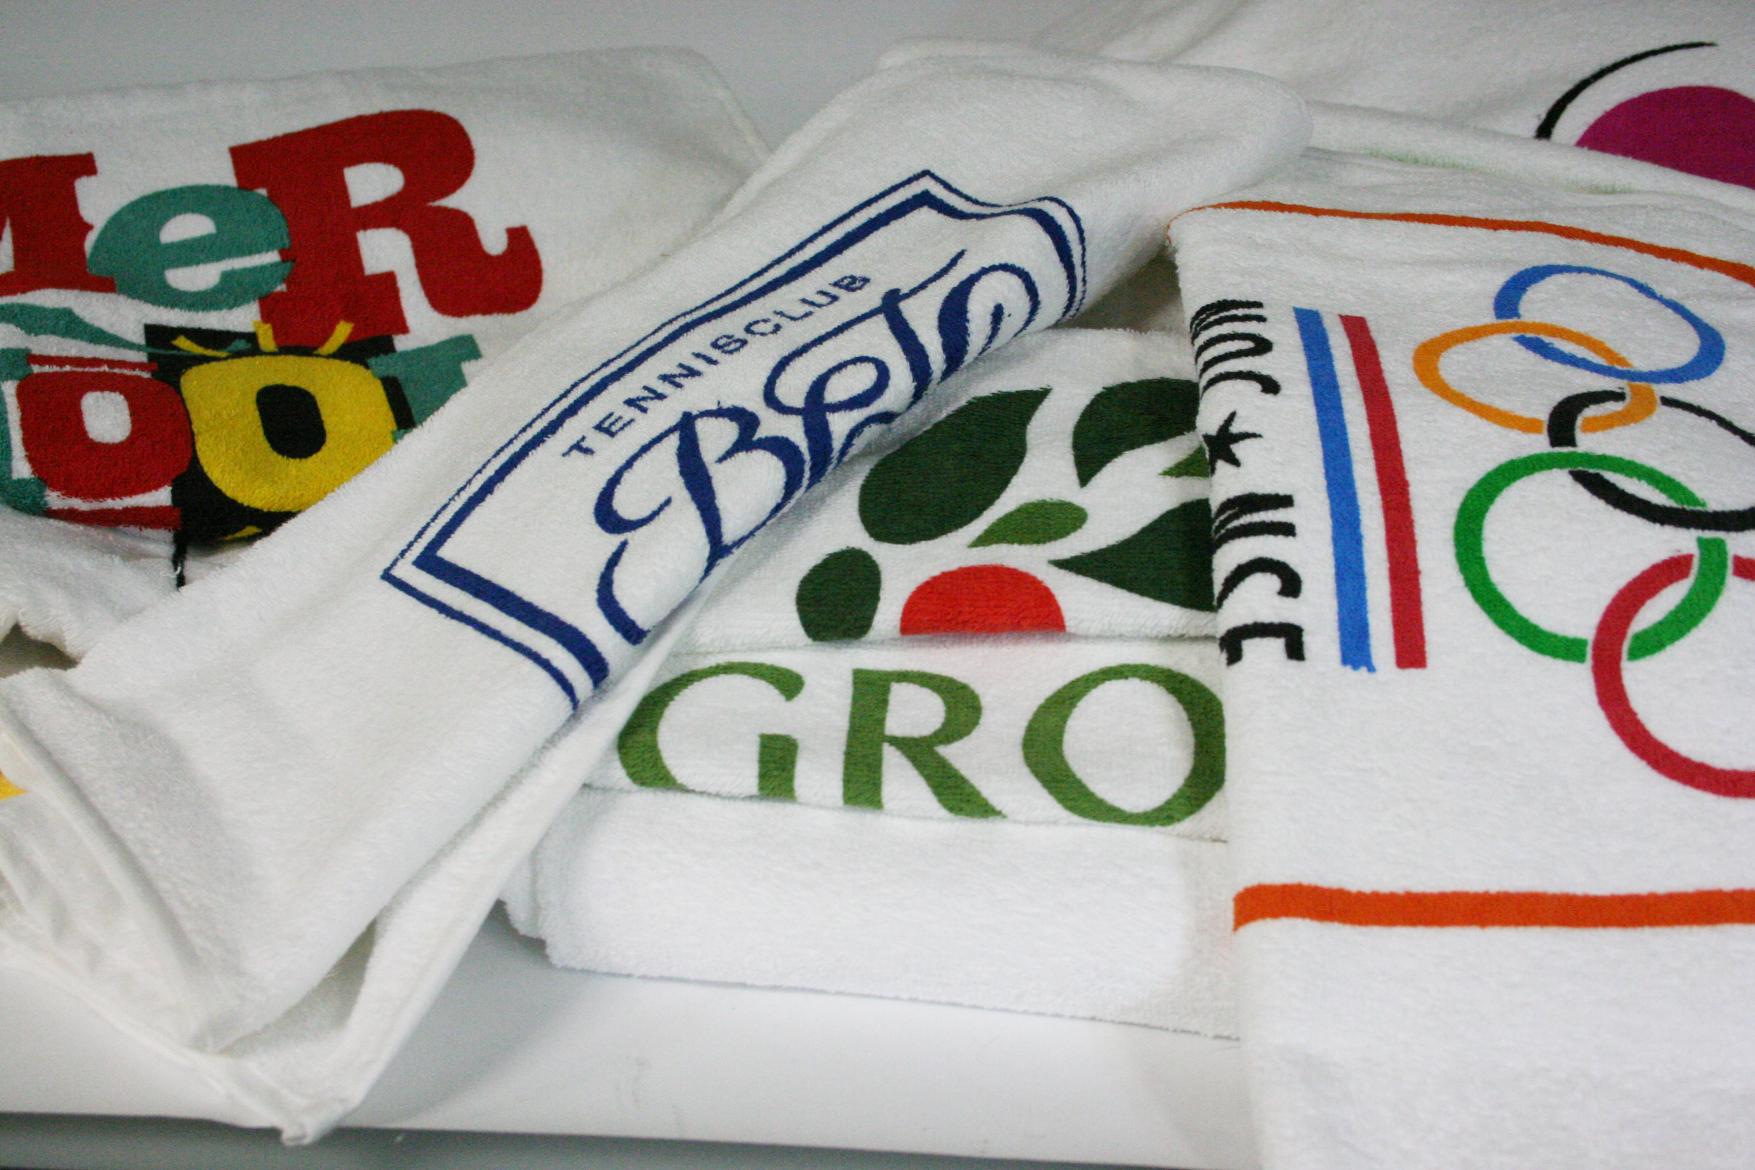 0d4df743f99 De echte handdoeken, badlakens en strandlakens zijn van badstof van 100%  katoen (dus geen polyester/katoen). Aangezien de katoenen lussen van de  badstof ...